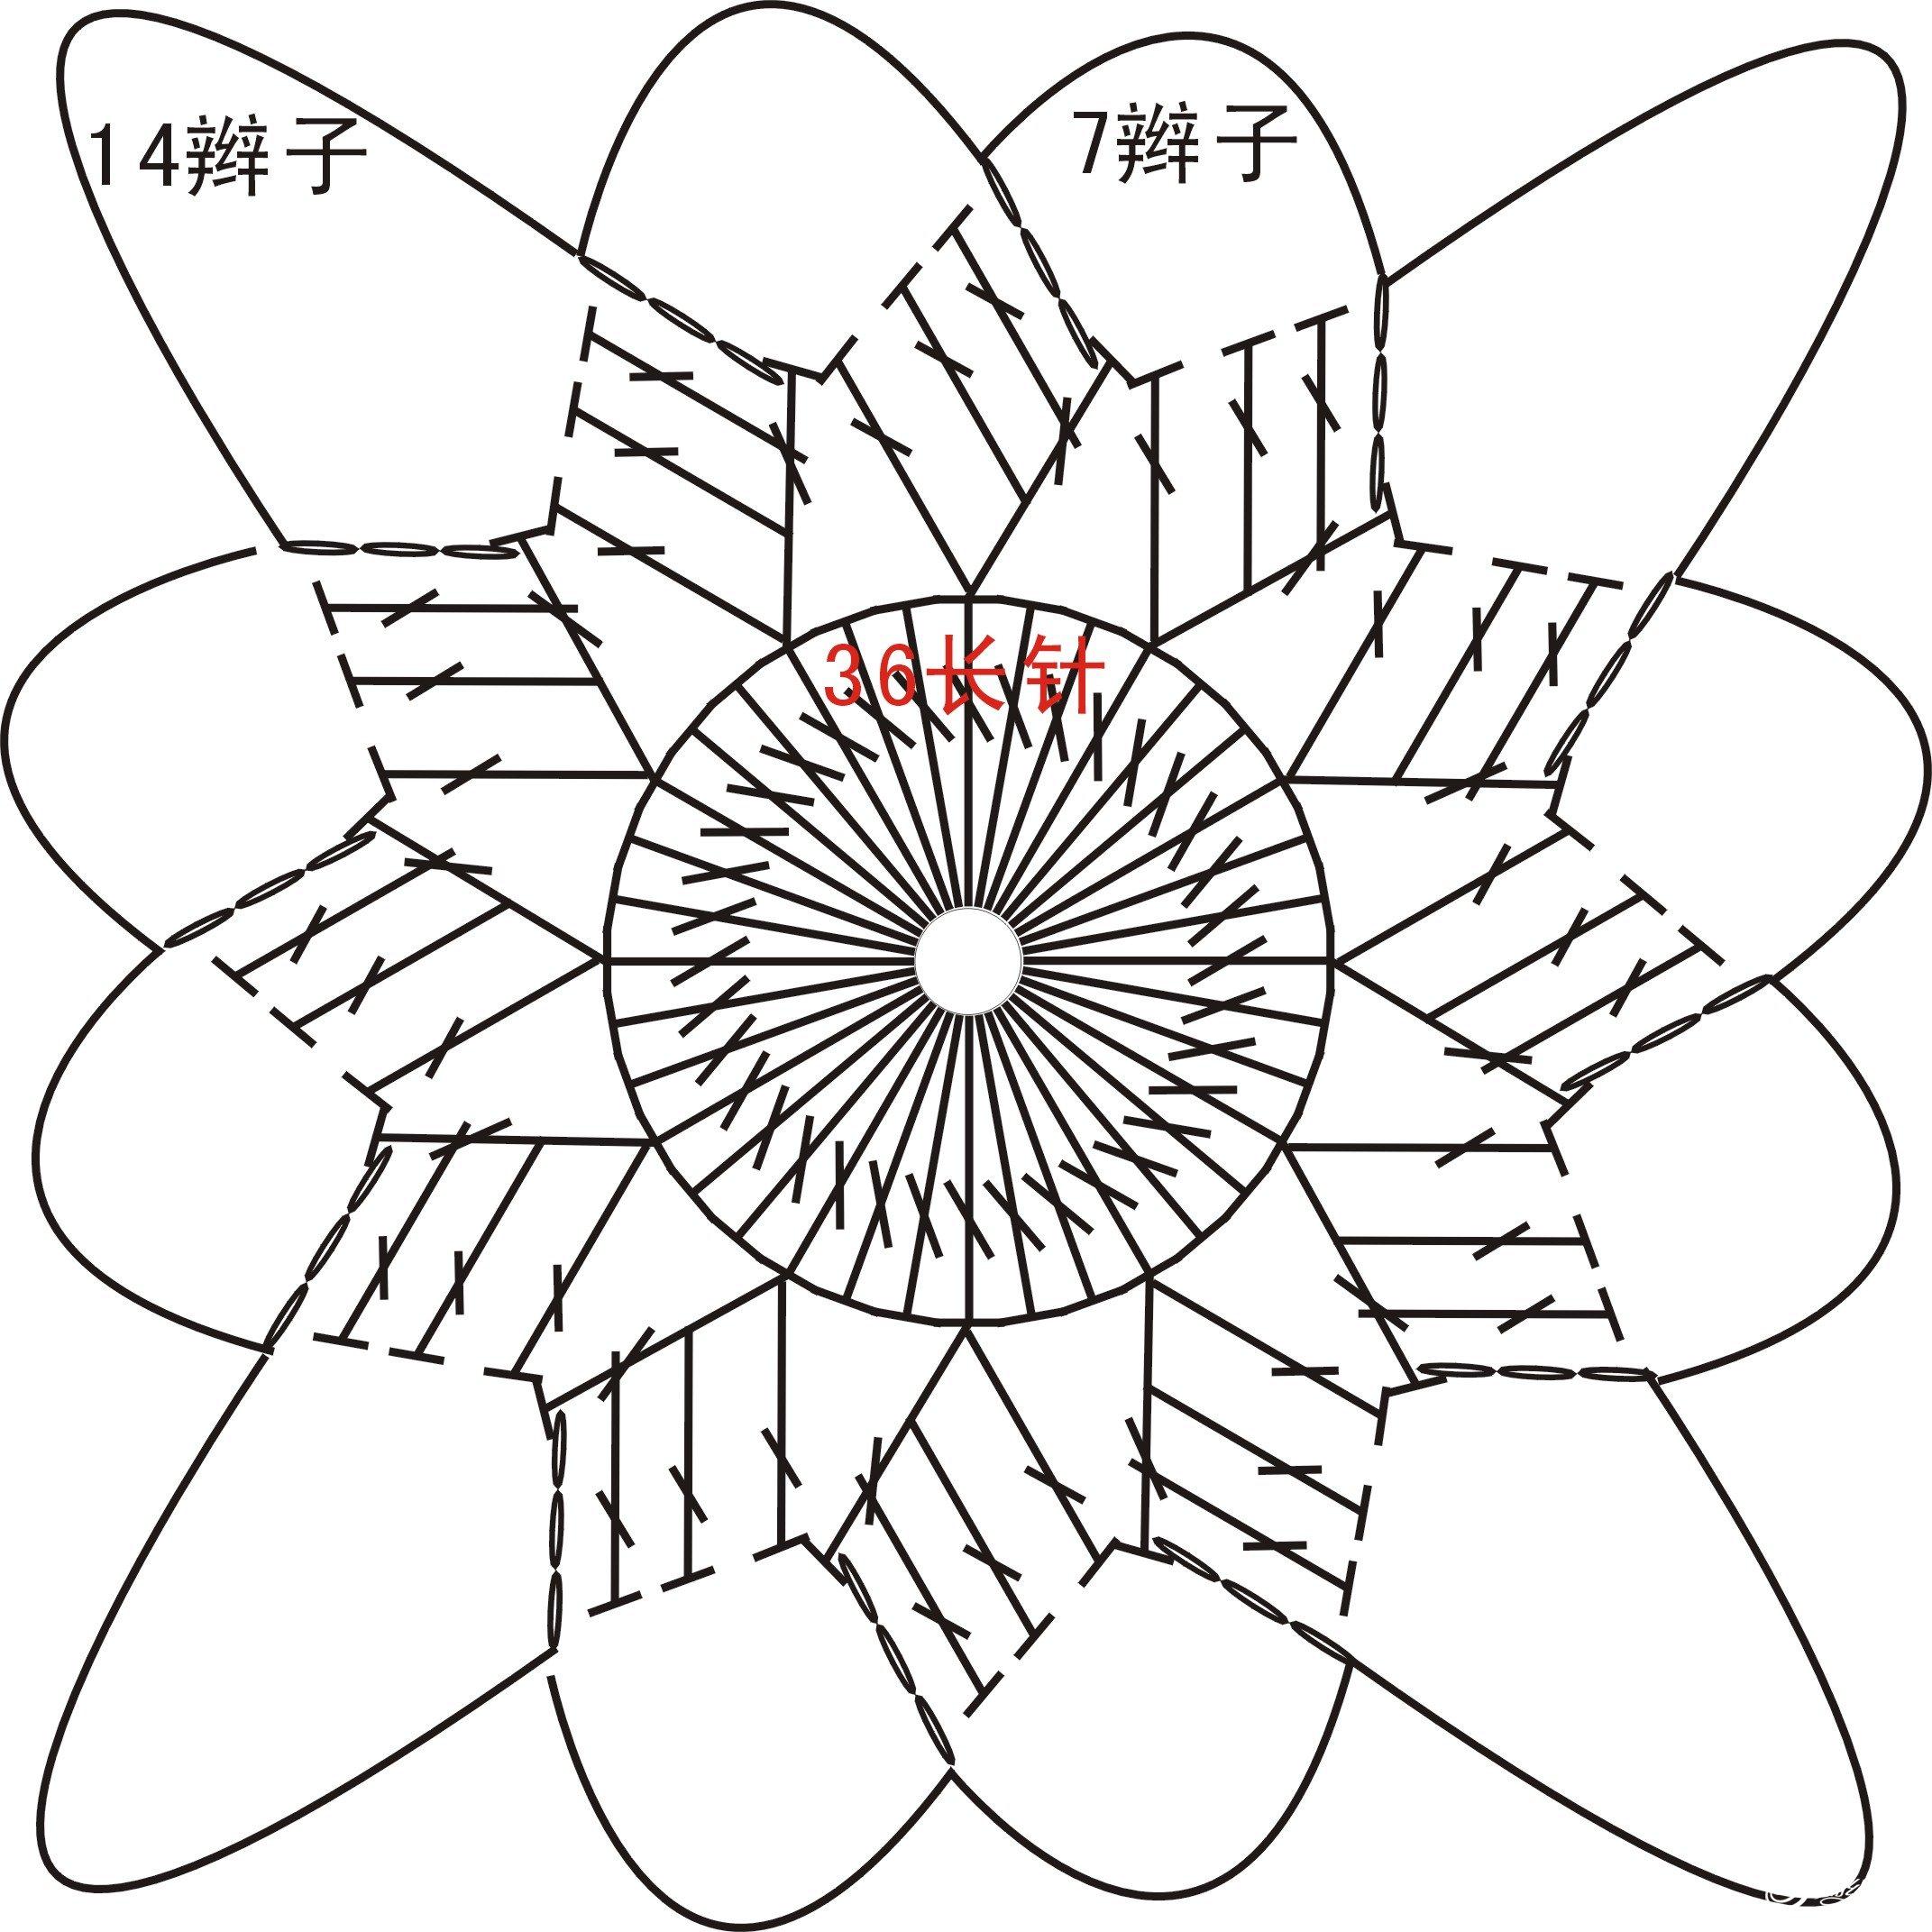 图形1.jpg